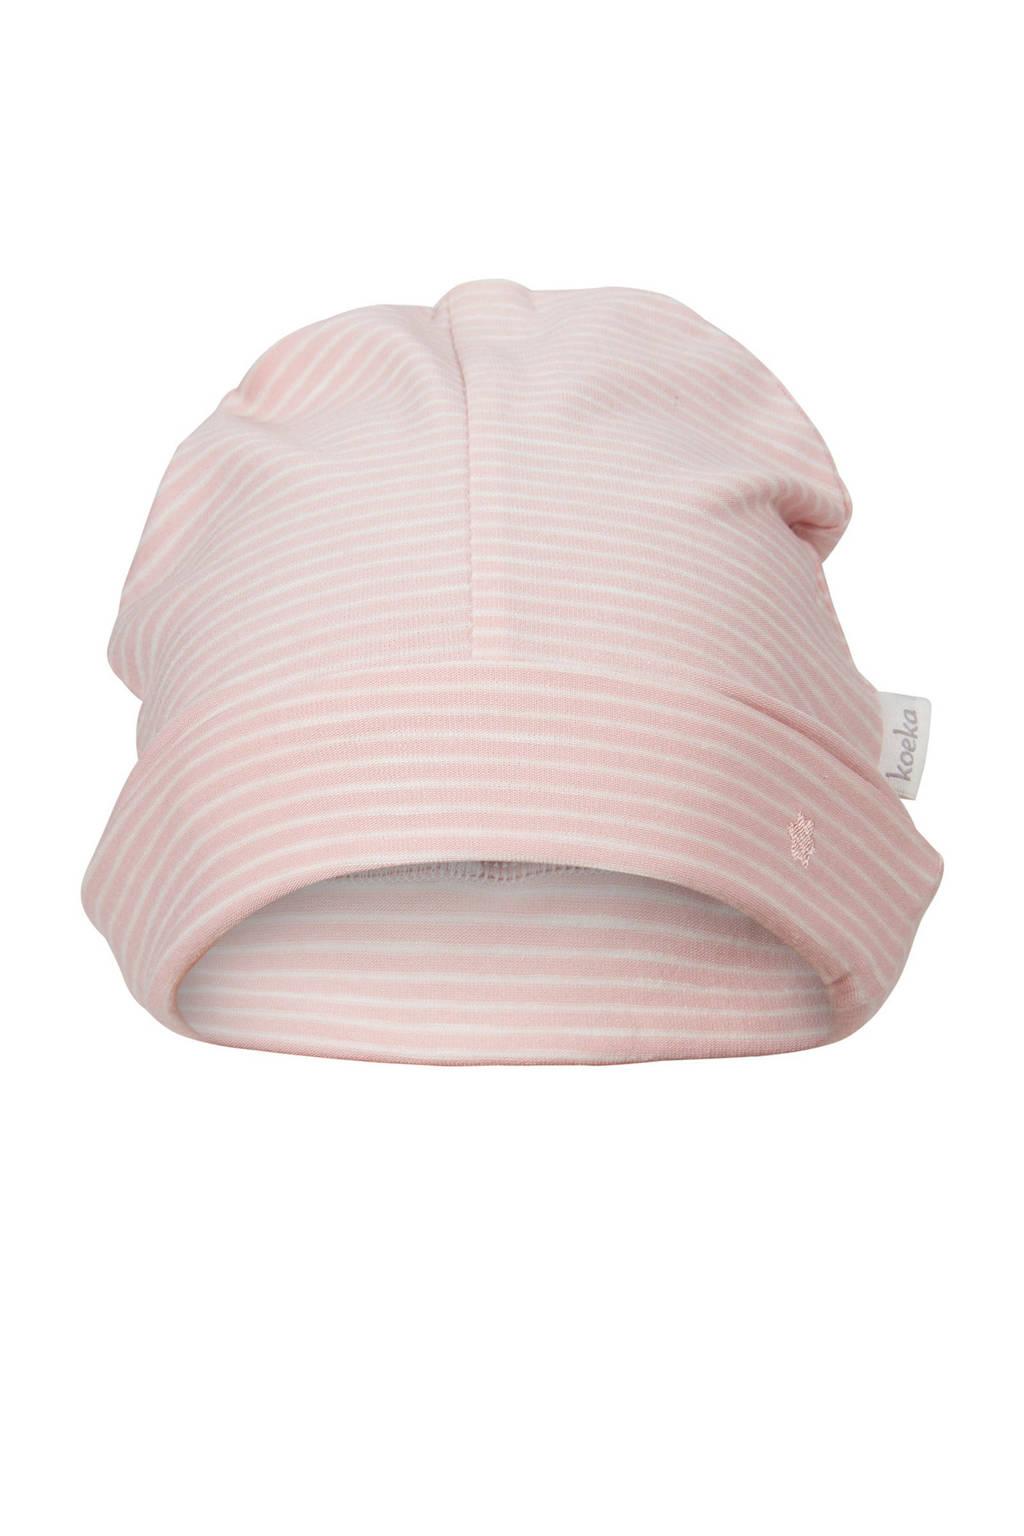 Koeka baby muts Linescape roze gestreept, Roze